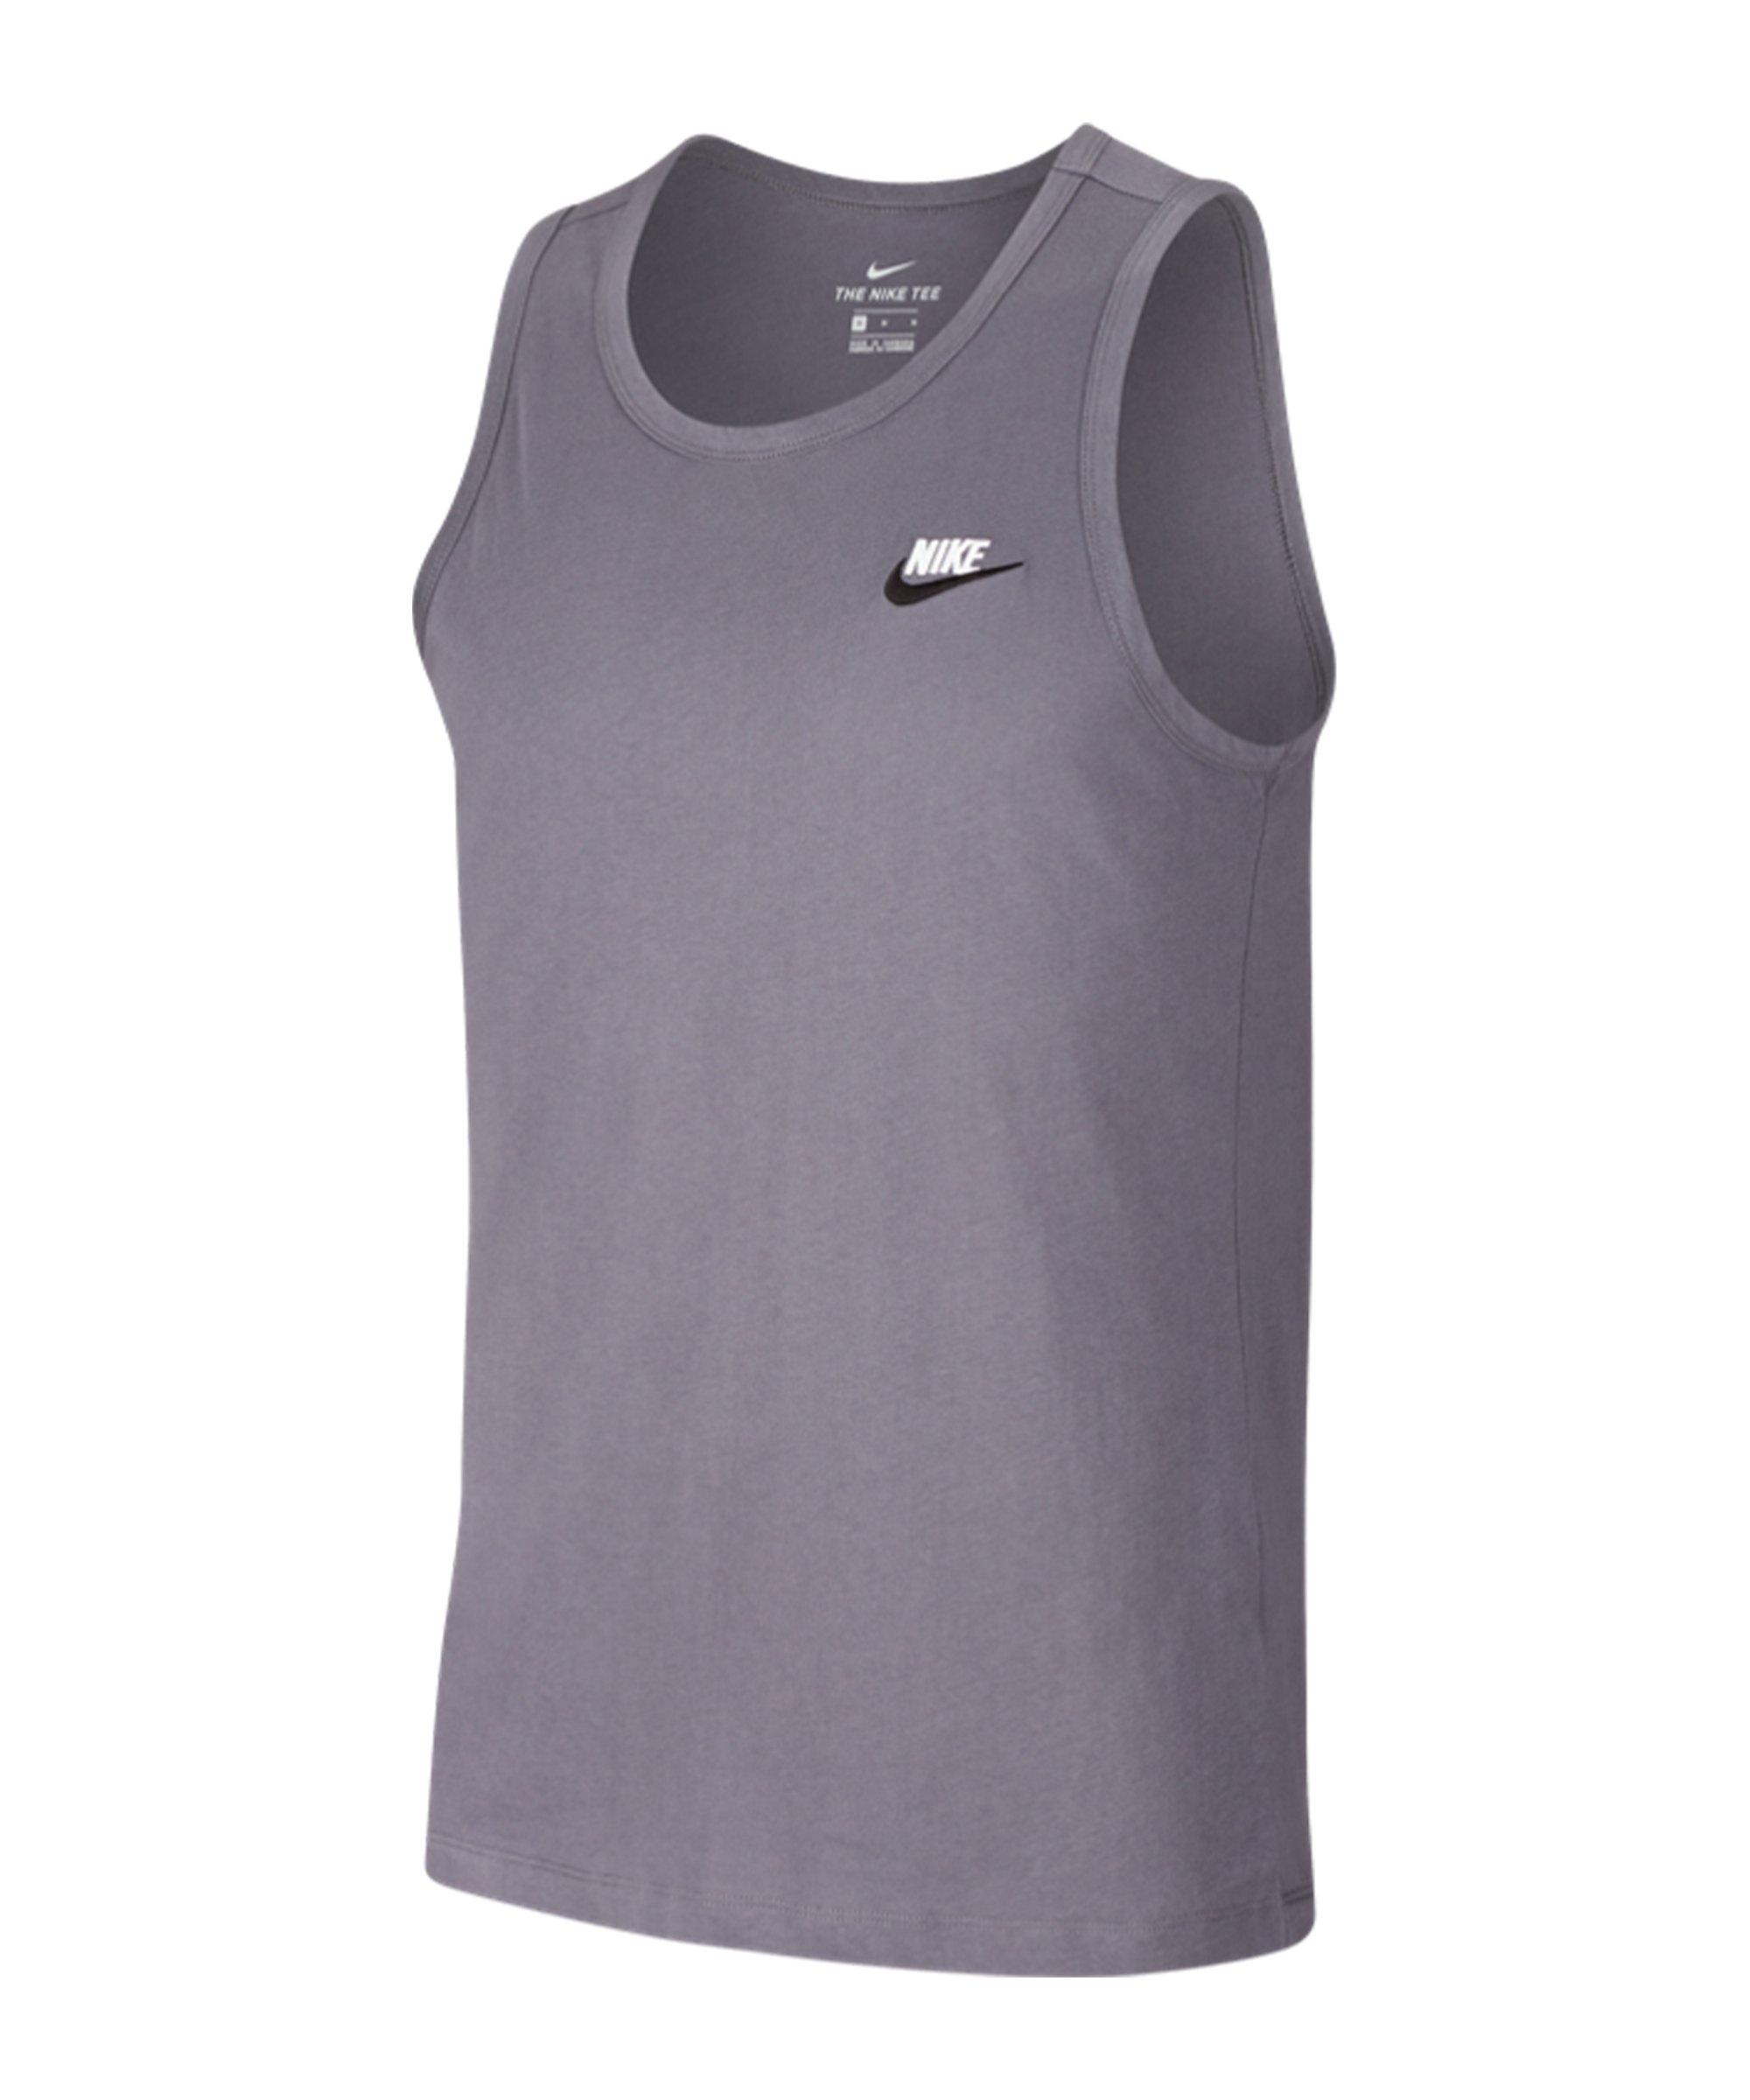 Nike Club Tanktop Grau Schwarz F022 - grau